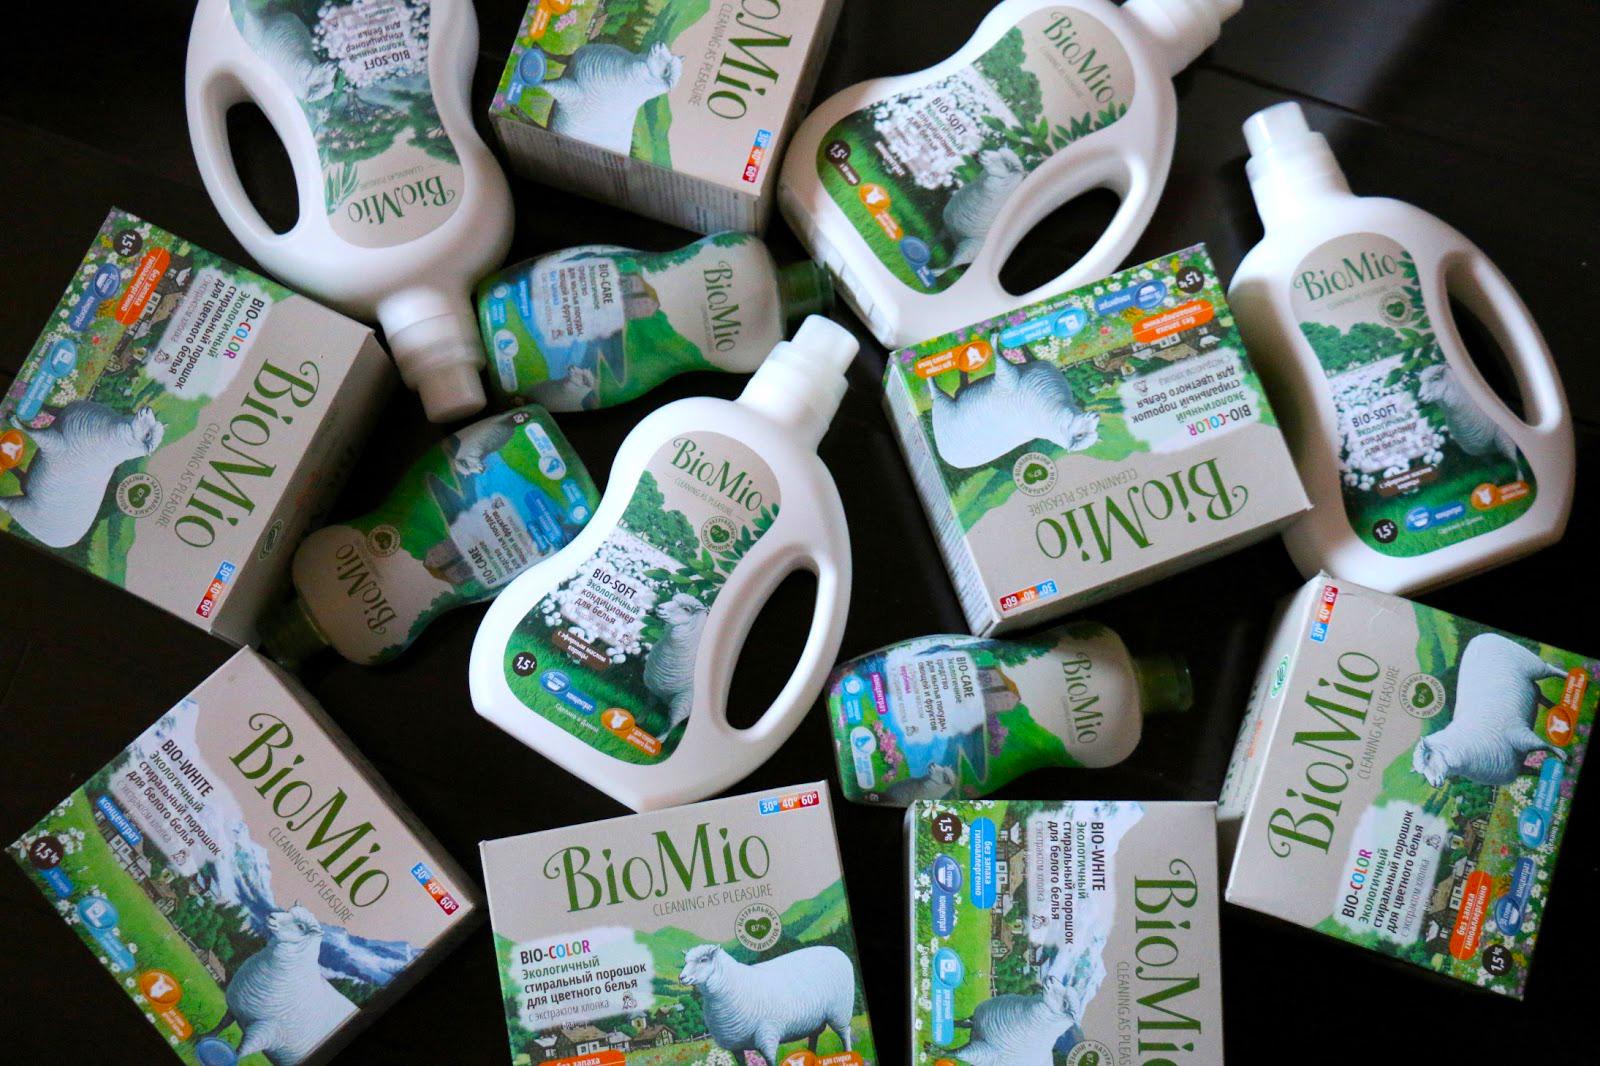 Еко-средства для посуды Bio Mio